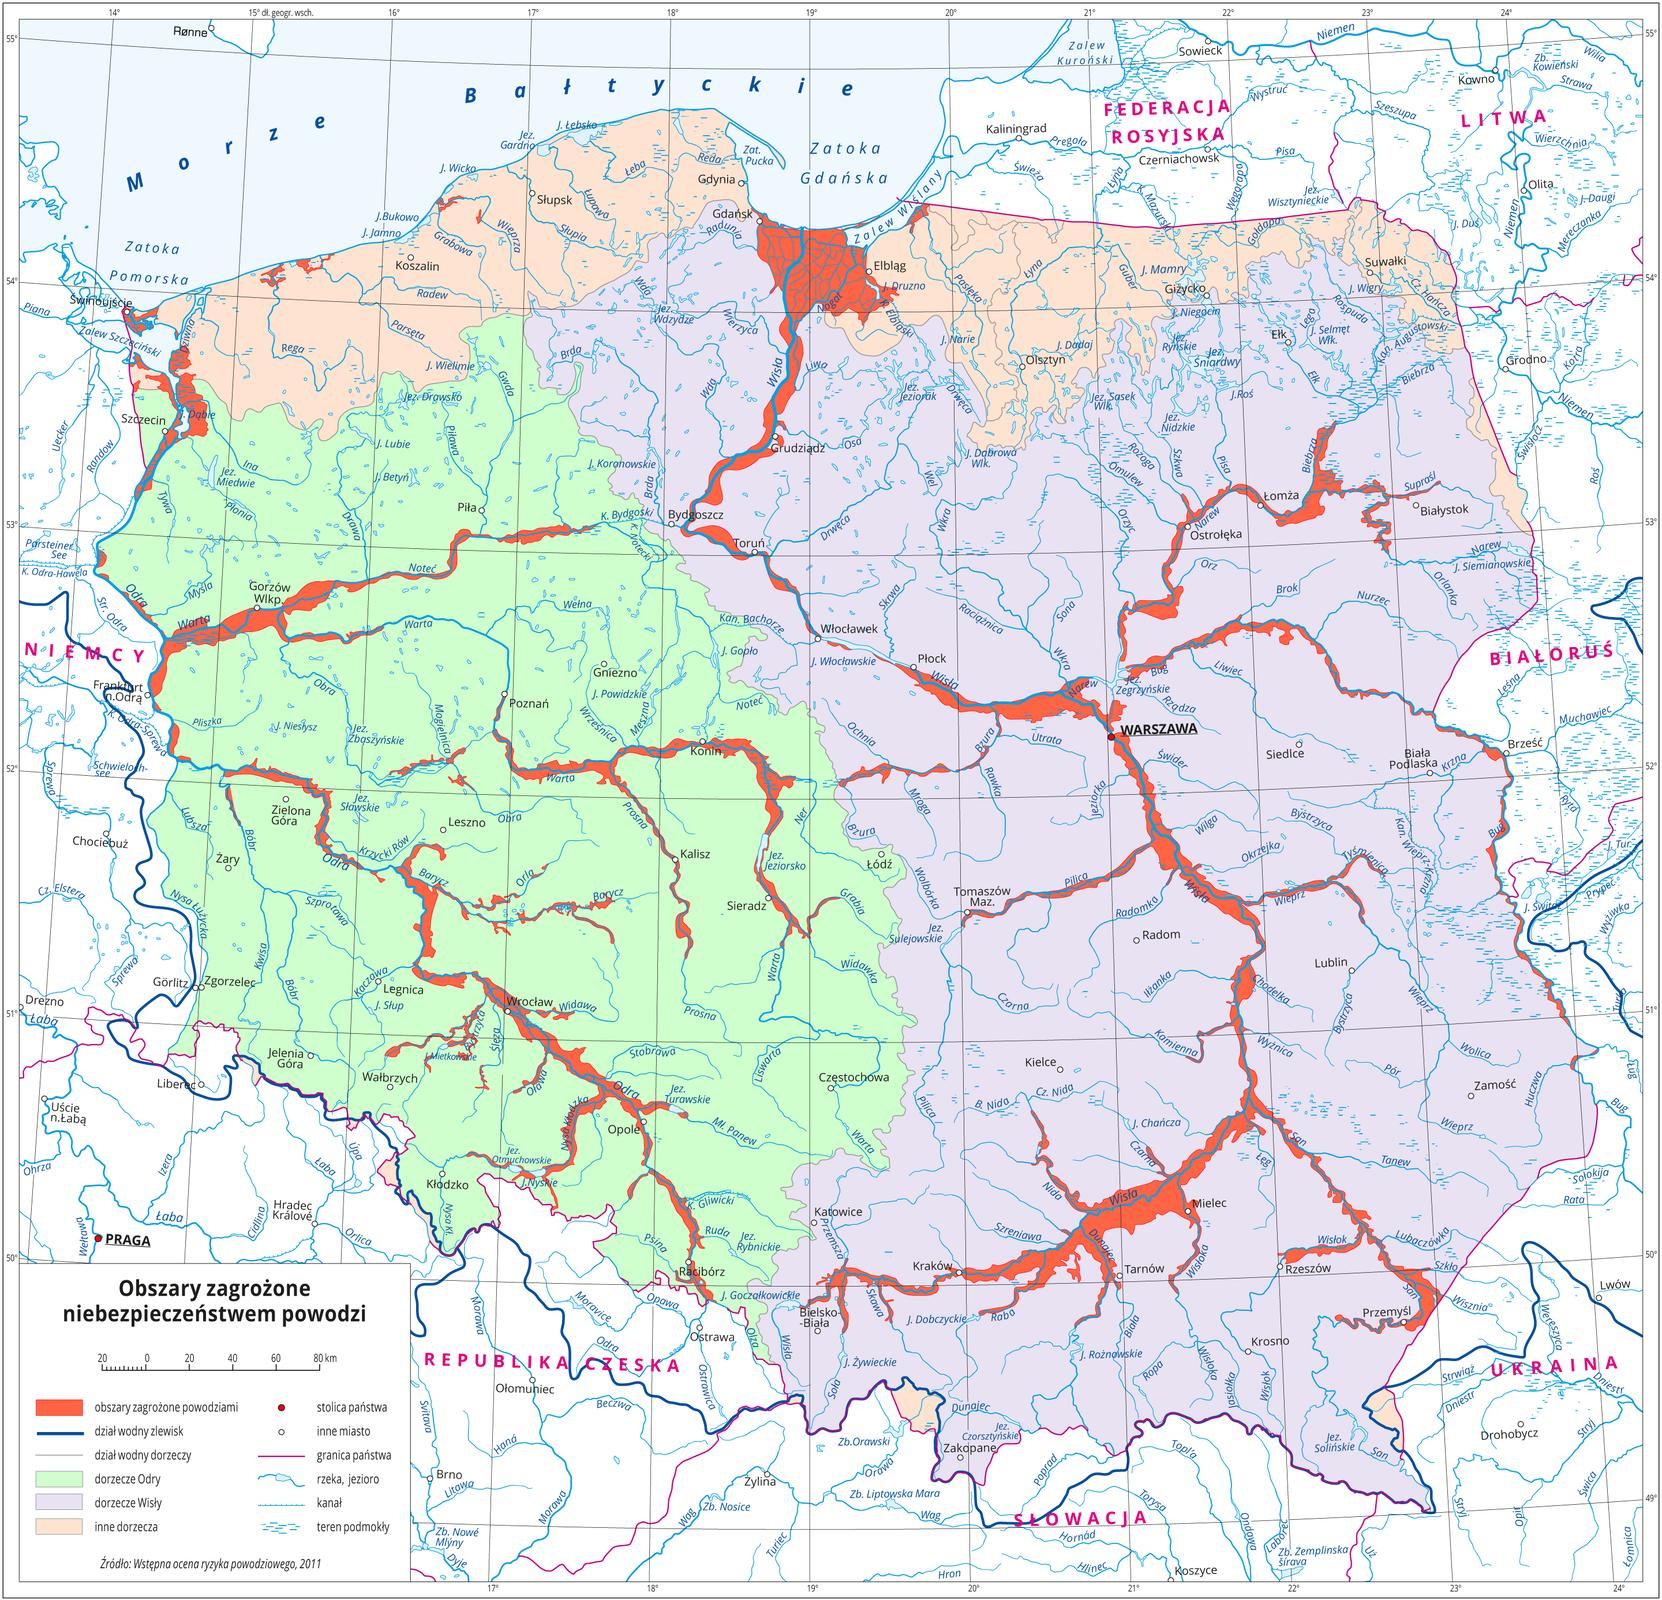 Mapa terenu Polski prezentująca obszary najbardziej zagrożone wystąpieniem zjawiska powodzi. Kraj został podzielony kolorami na obszary dorzeczy Wisły, Odry oraz innych rzek, amiejsca szczególnie zagrożone wyróżniono czerwoną barwą. Zmapy wynika, że praktycznie całe obszary przyległe do koryt dwóch największych rzek kraju, atakże wielu innych znajdują się wstrefach zagrożenia powodziami.